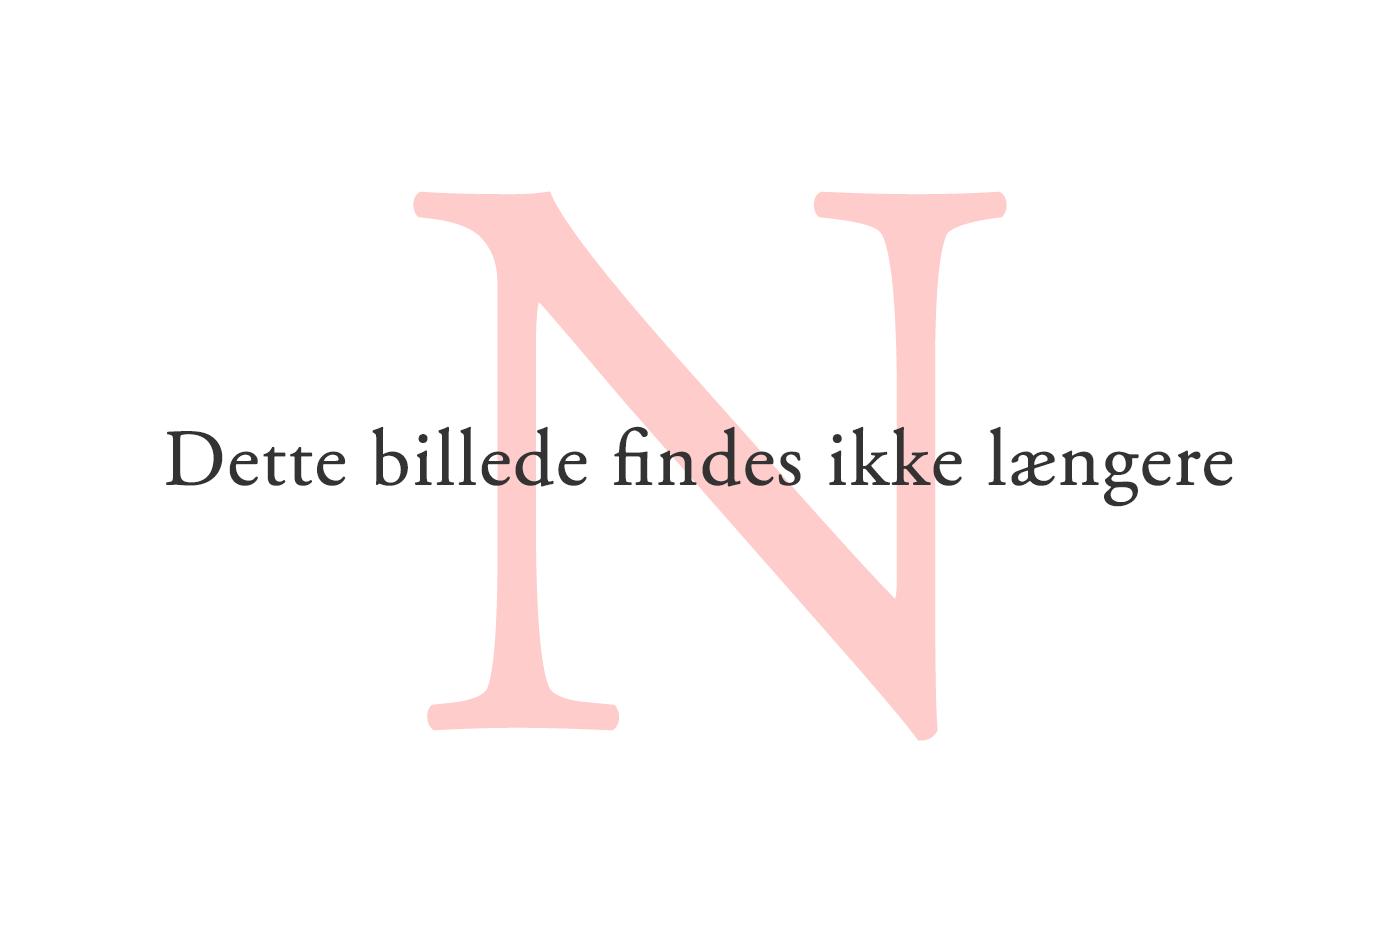 At følge grundigt med i sprogfagene, er en god idé ifølge ny undersøgelse  Foto: Stock.xchng